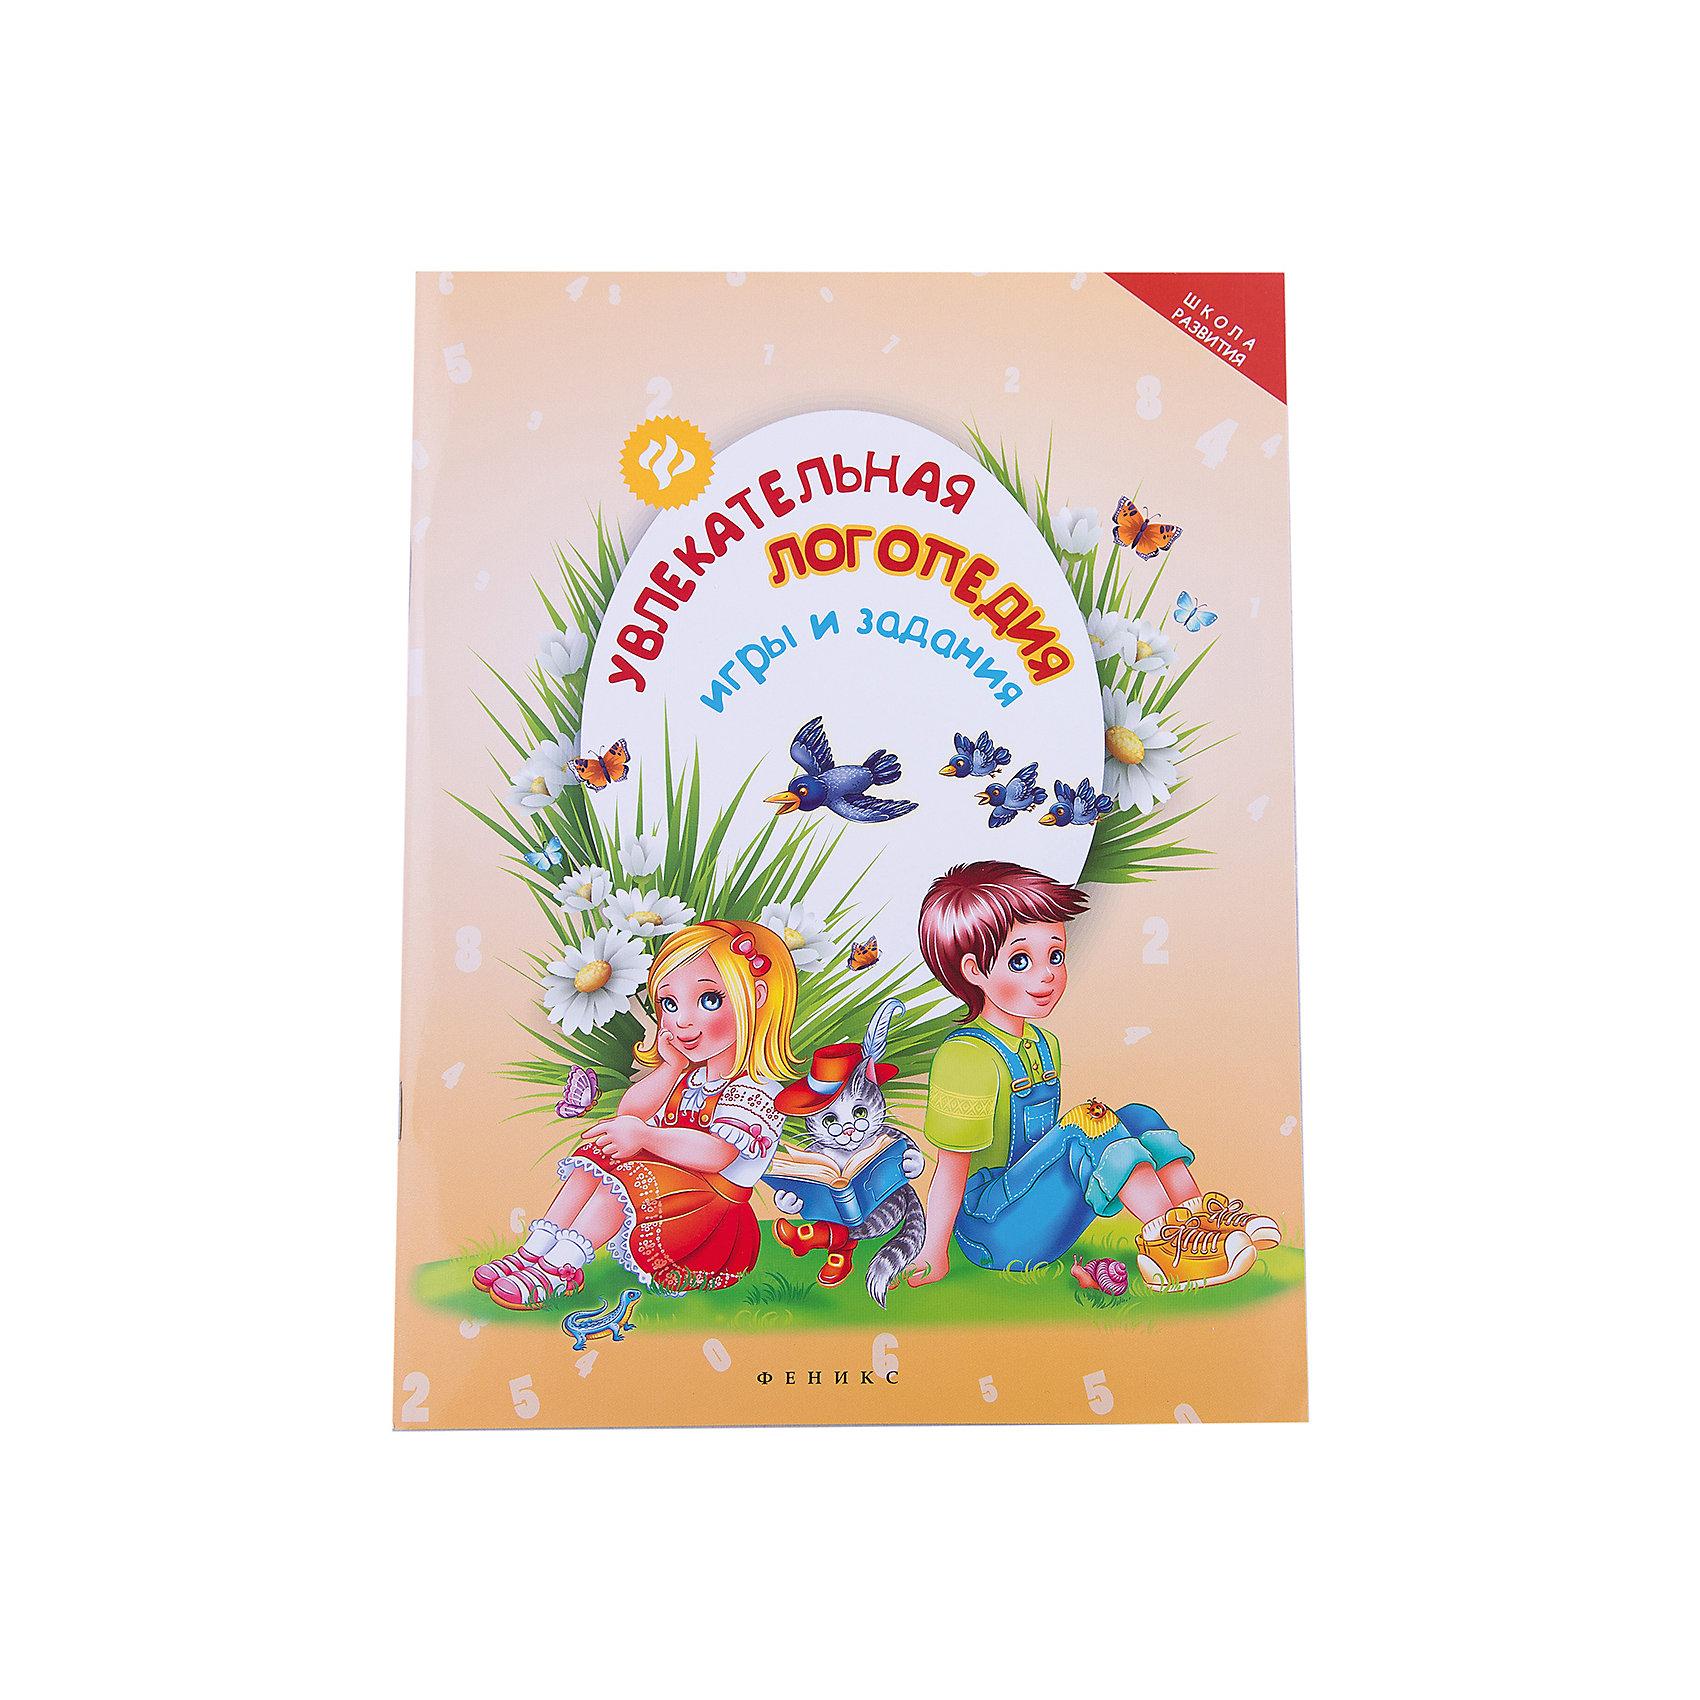 Увлекательная логопедия: игры и заданияРазвивающие книги<br>Наша книжка поможет ребенку освоить звуки русского языка. В издании малыши и взрослые найдут веселые игры и задания, серьёзные советы и забавные чистоговорки, скороговорки, потешки, загадки и многое другое. Раздел «Поем гласные звуки» настроит малыша на<br><br>Ширина мм: 260<br>Глубина мм: 200<br>Высота мм: 5<br>Вес г: 194<br>Возраст от месяцев: 12<br>Возраст до месяцев: 72<br>Пол: Унисекс<br>Возраст: Детский<br>SKU: 5120115